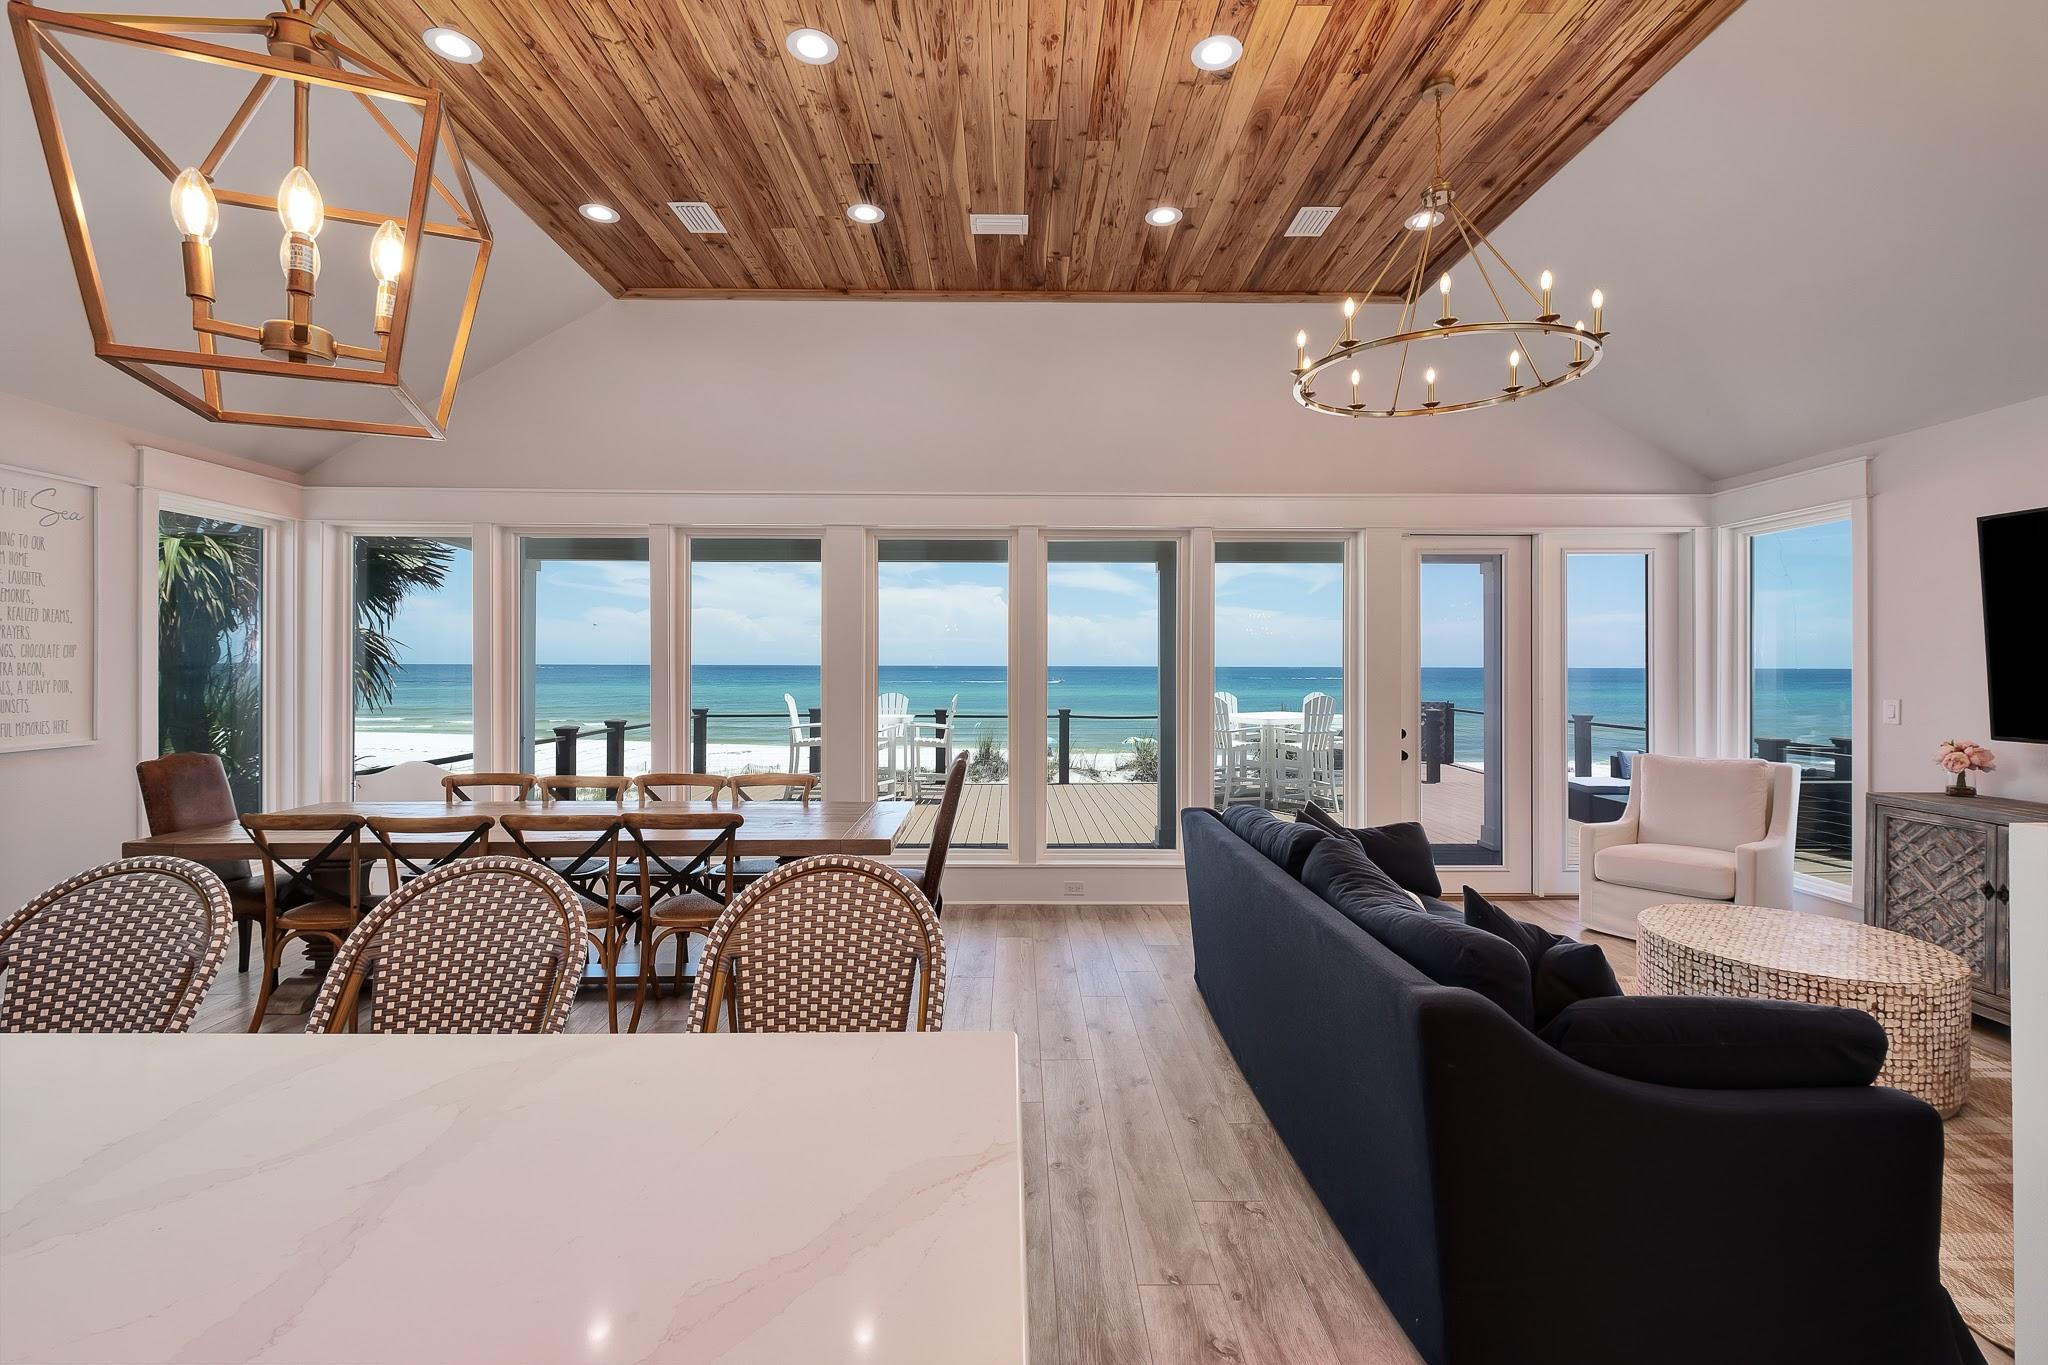 beachfront property in destin fl for sale